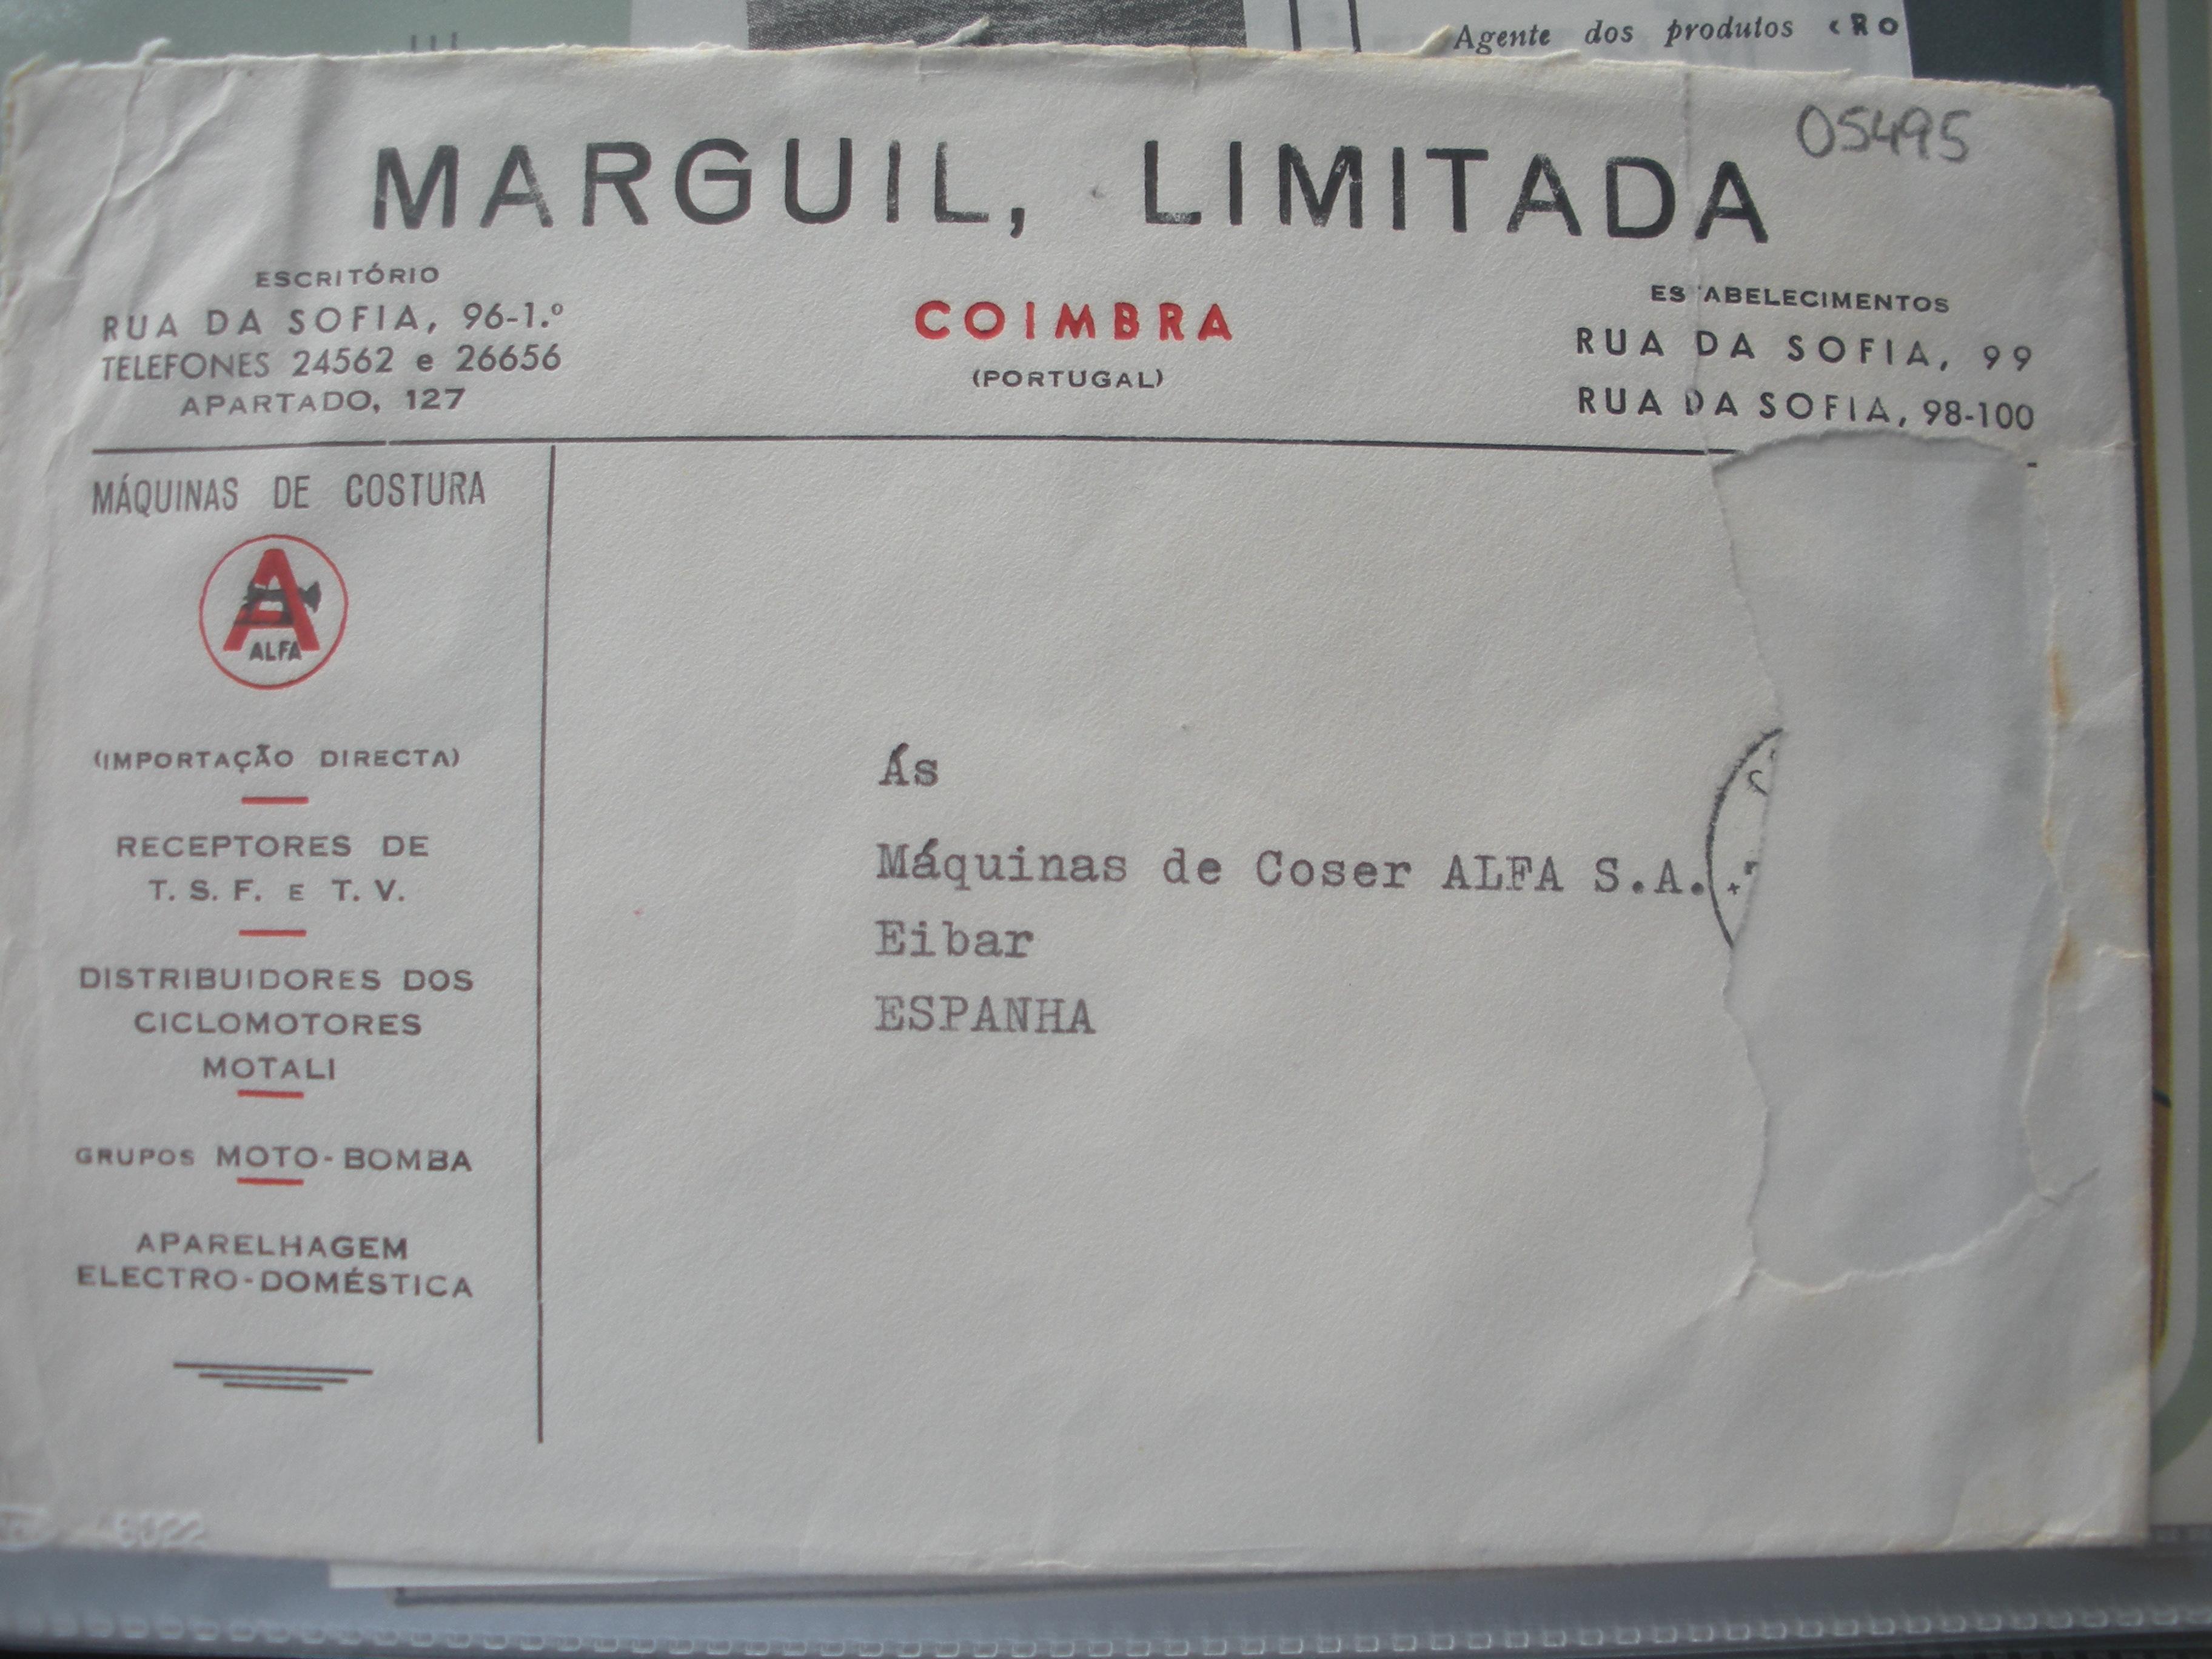 SOBRE DE MARGUIL, LIMITADA